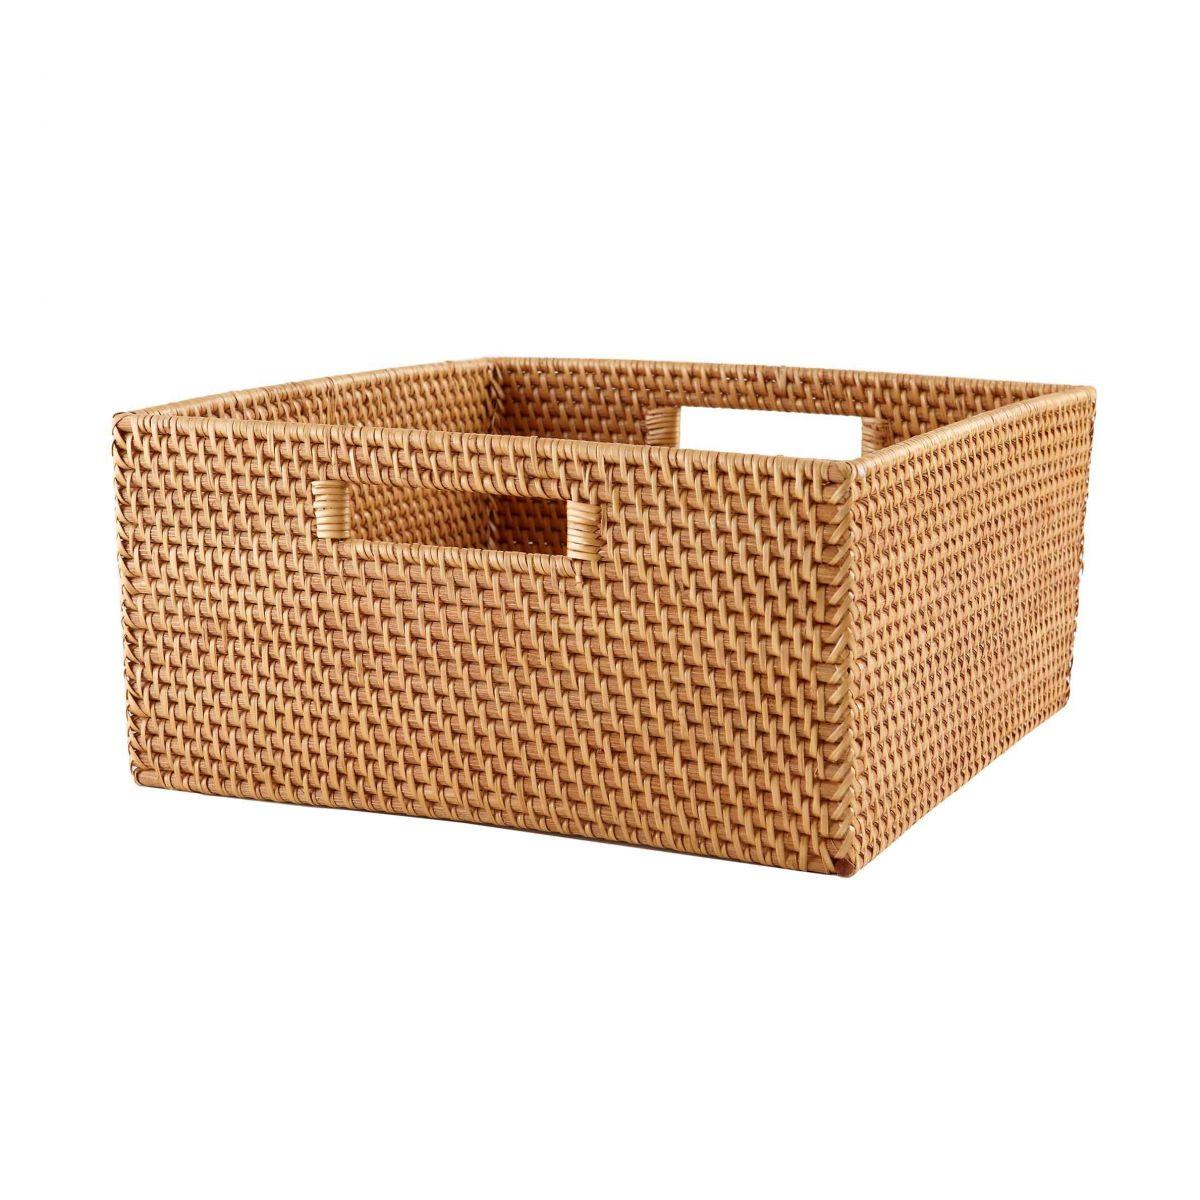 Changer Basket # DK22